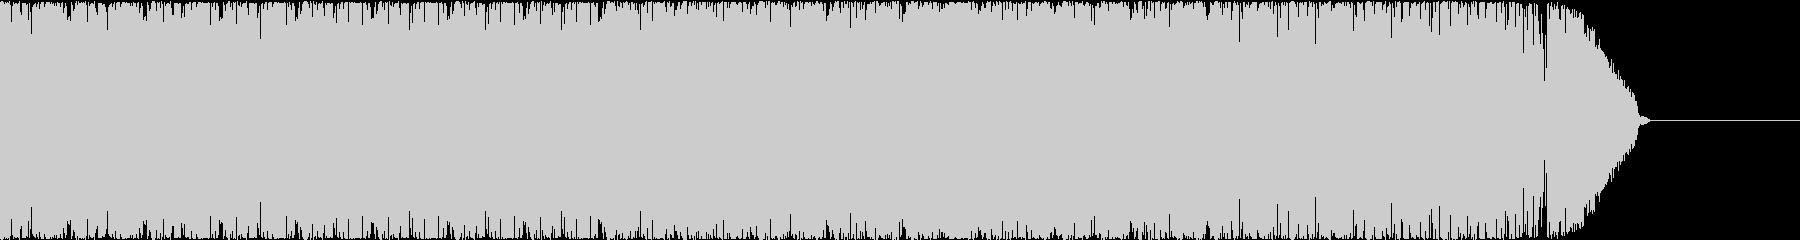 コミカルなゲームのBGM等。の未再生の波形